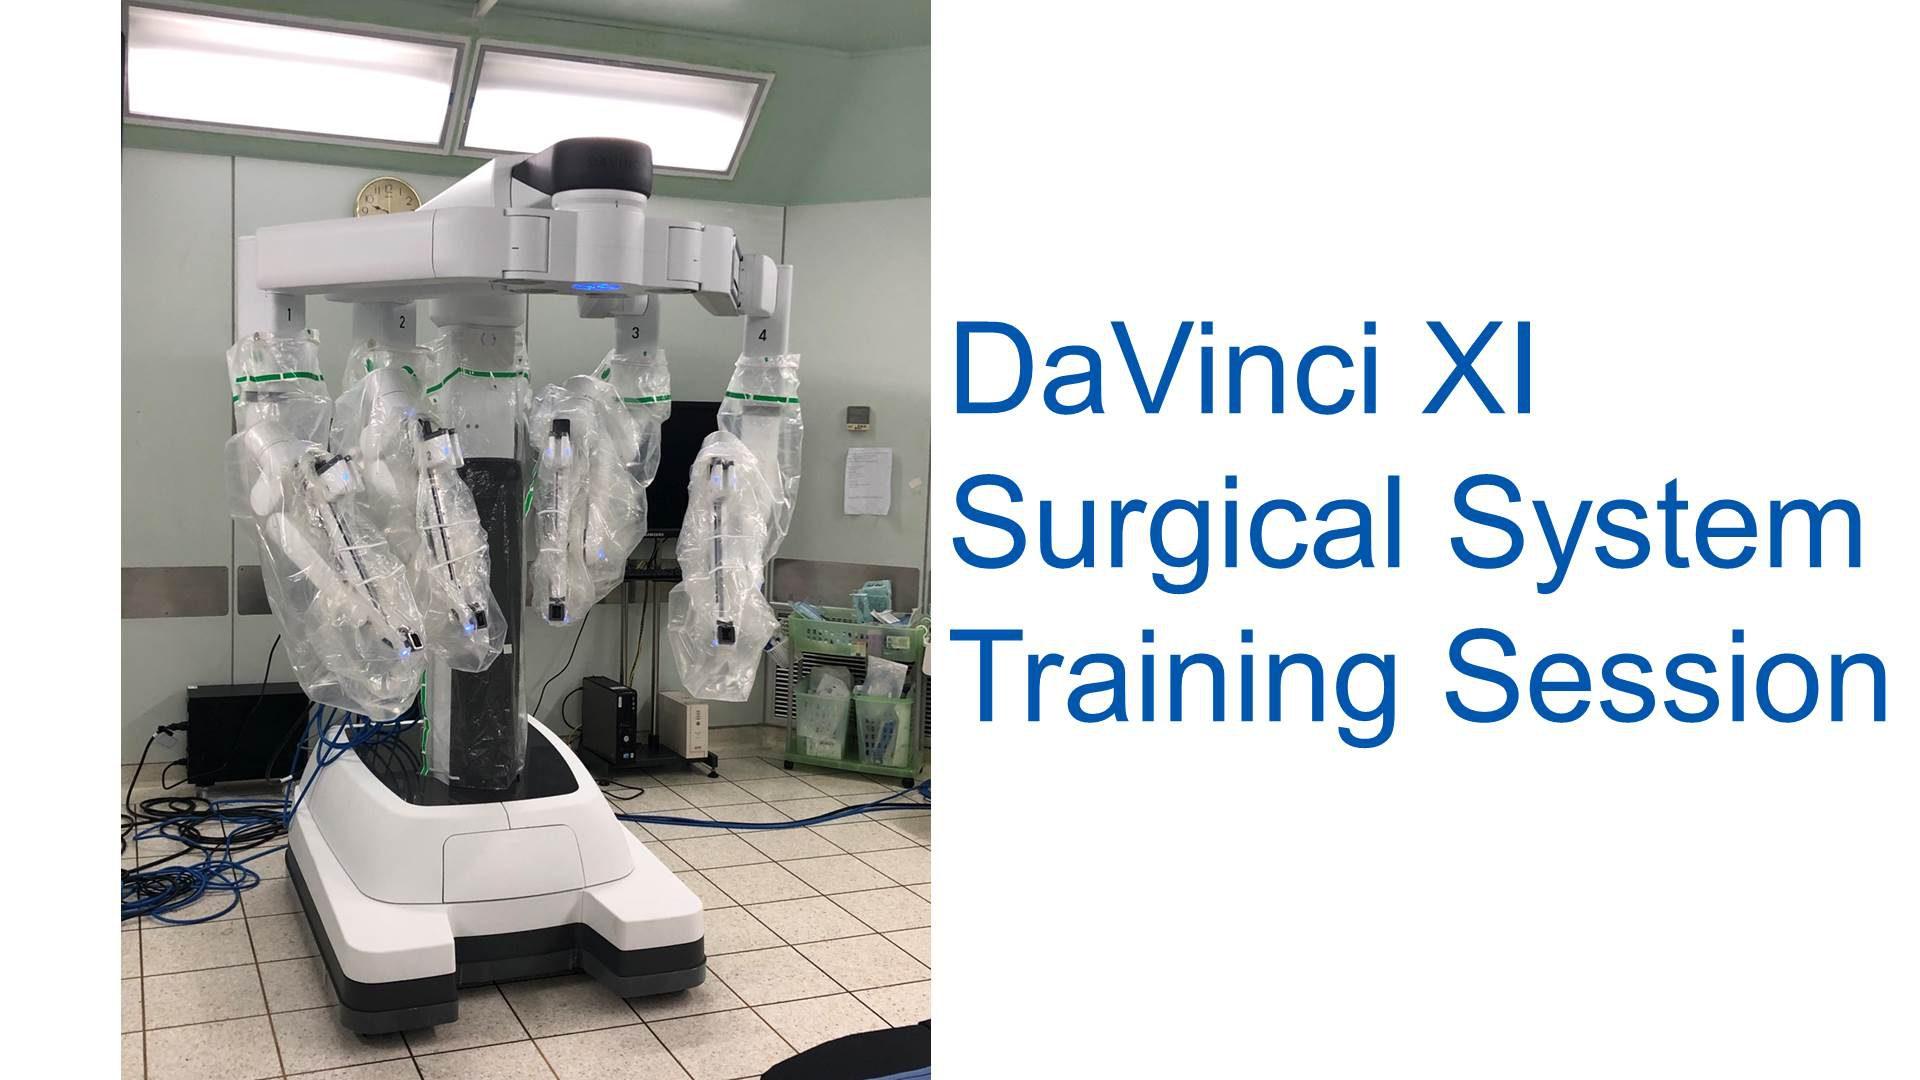 DAVINCI Xi Training Session at Siriraj